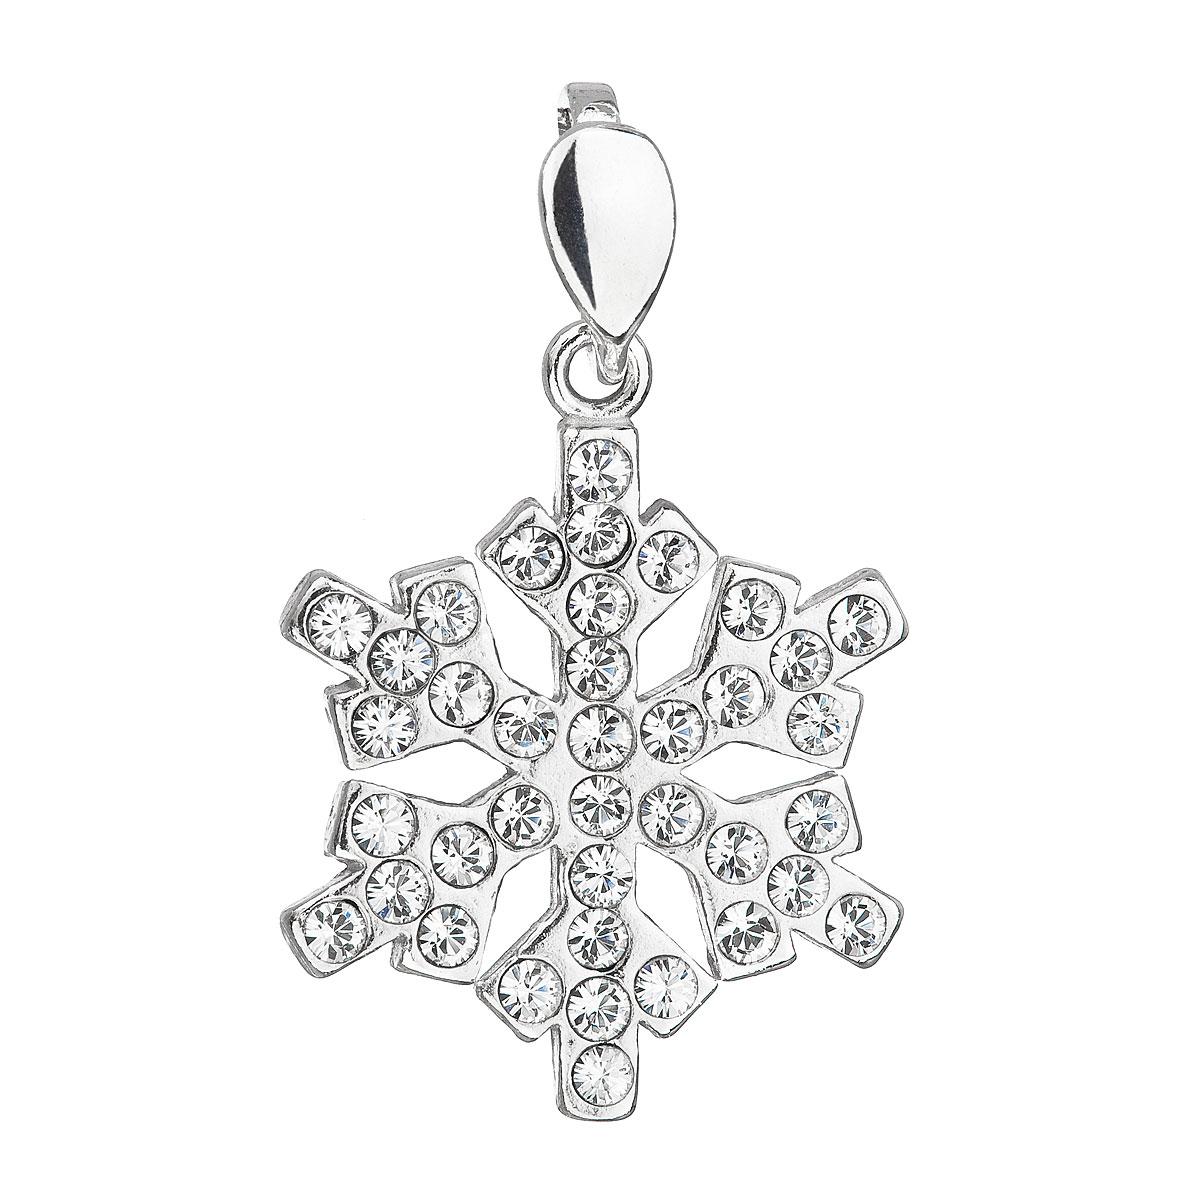 Evolution Group Stříbrný přívěsek s krystaly Swarovski bílá vločka 34221.1